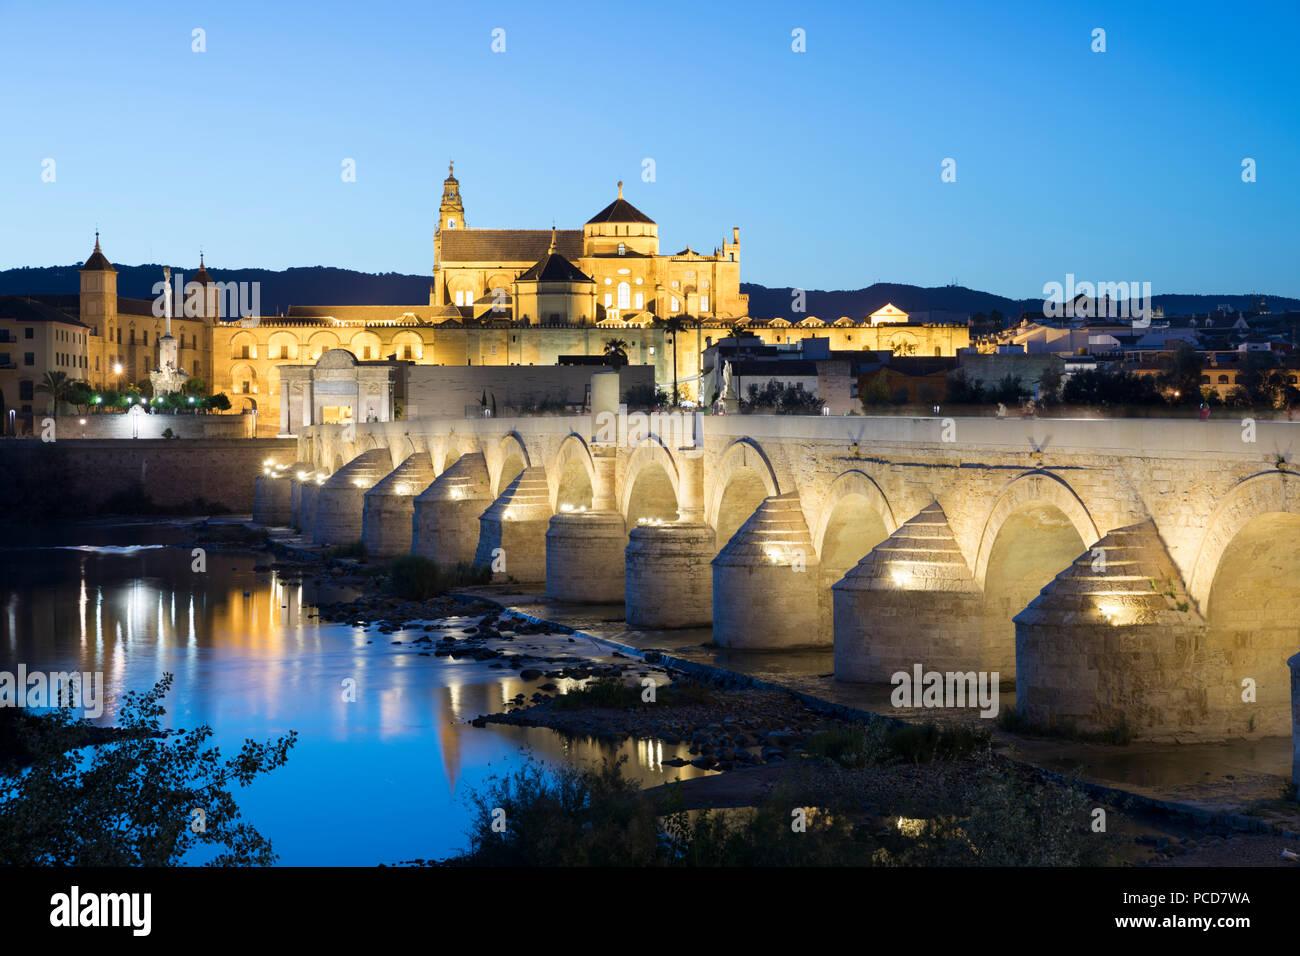 La Mezquita et pont romain sur le Guadalquivir illuminée la nuit, Cordoue, Andalousie, Espagne, Europe Photo Stock